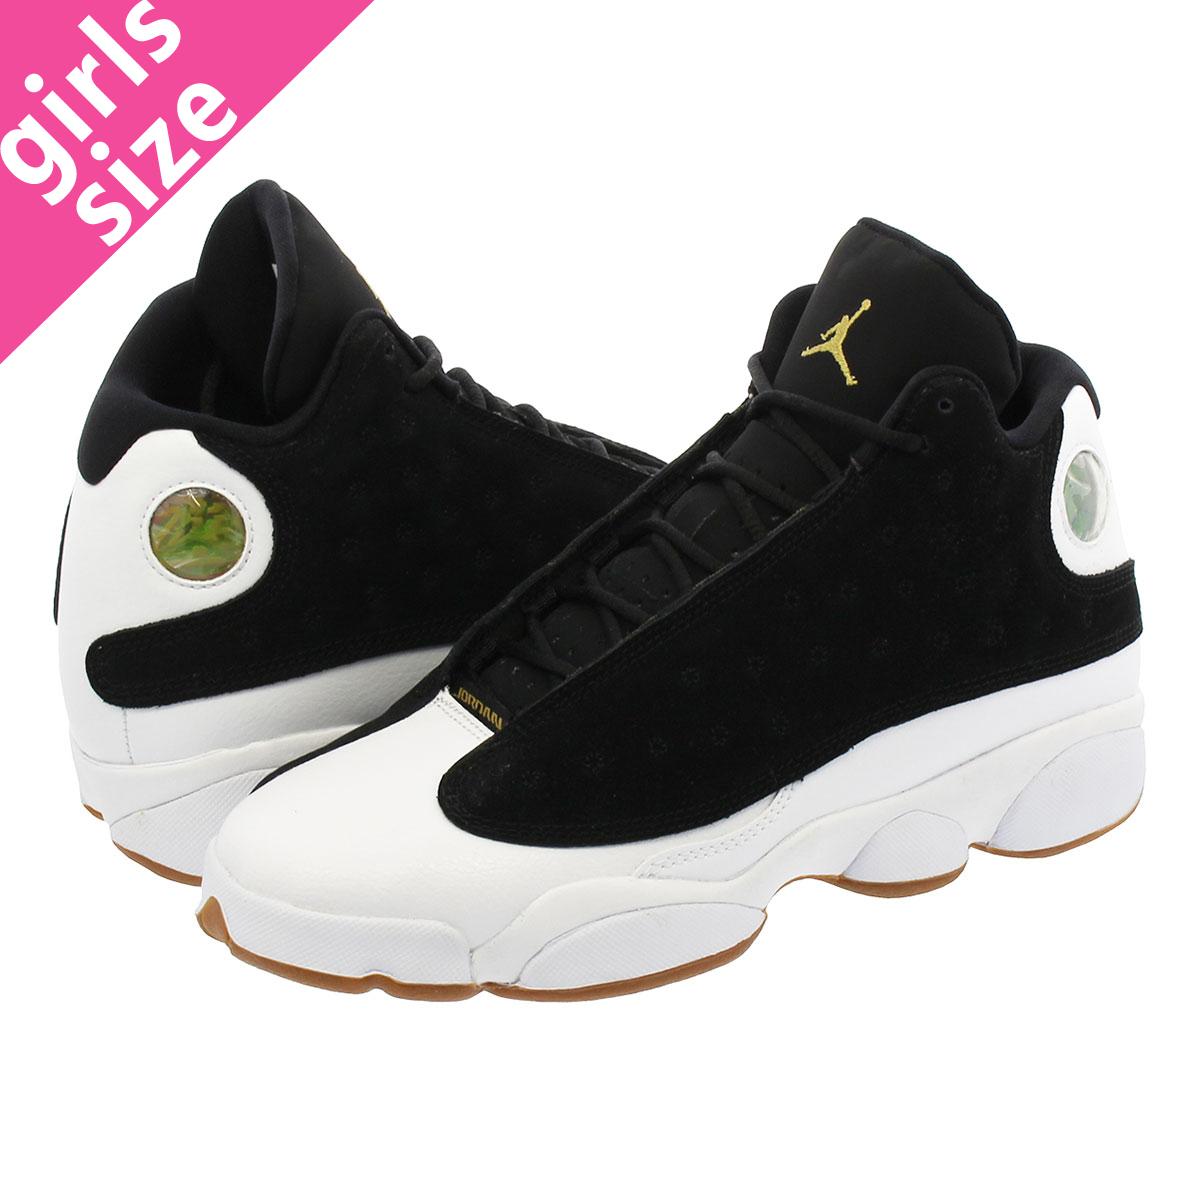 9e30182a96557d LOWTEX BIG-SMALL SHOP  NIKE AIR JORDAN 13 RETRO GG Nike Air Jordan 13  nostalgic GG BLACK METALLIC GOLD WHITE GUM MED BROWN